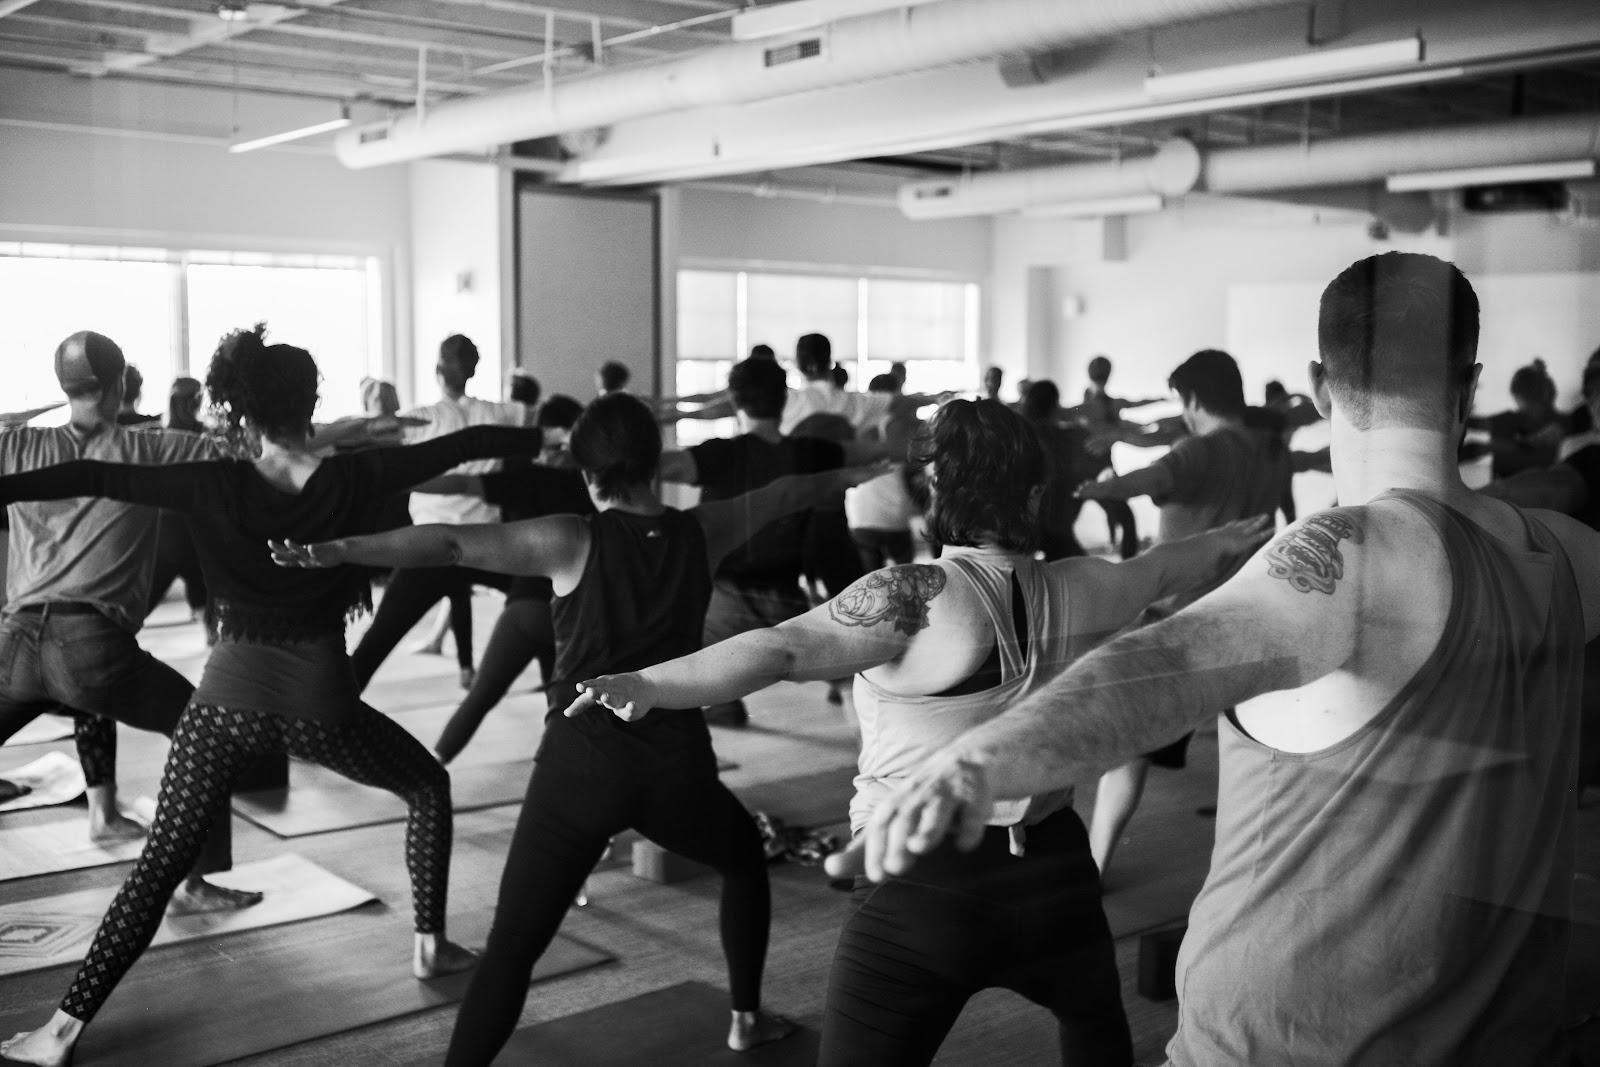 A Zest yoga class